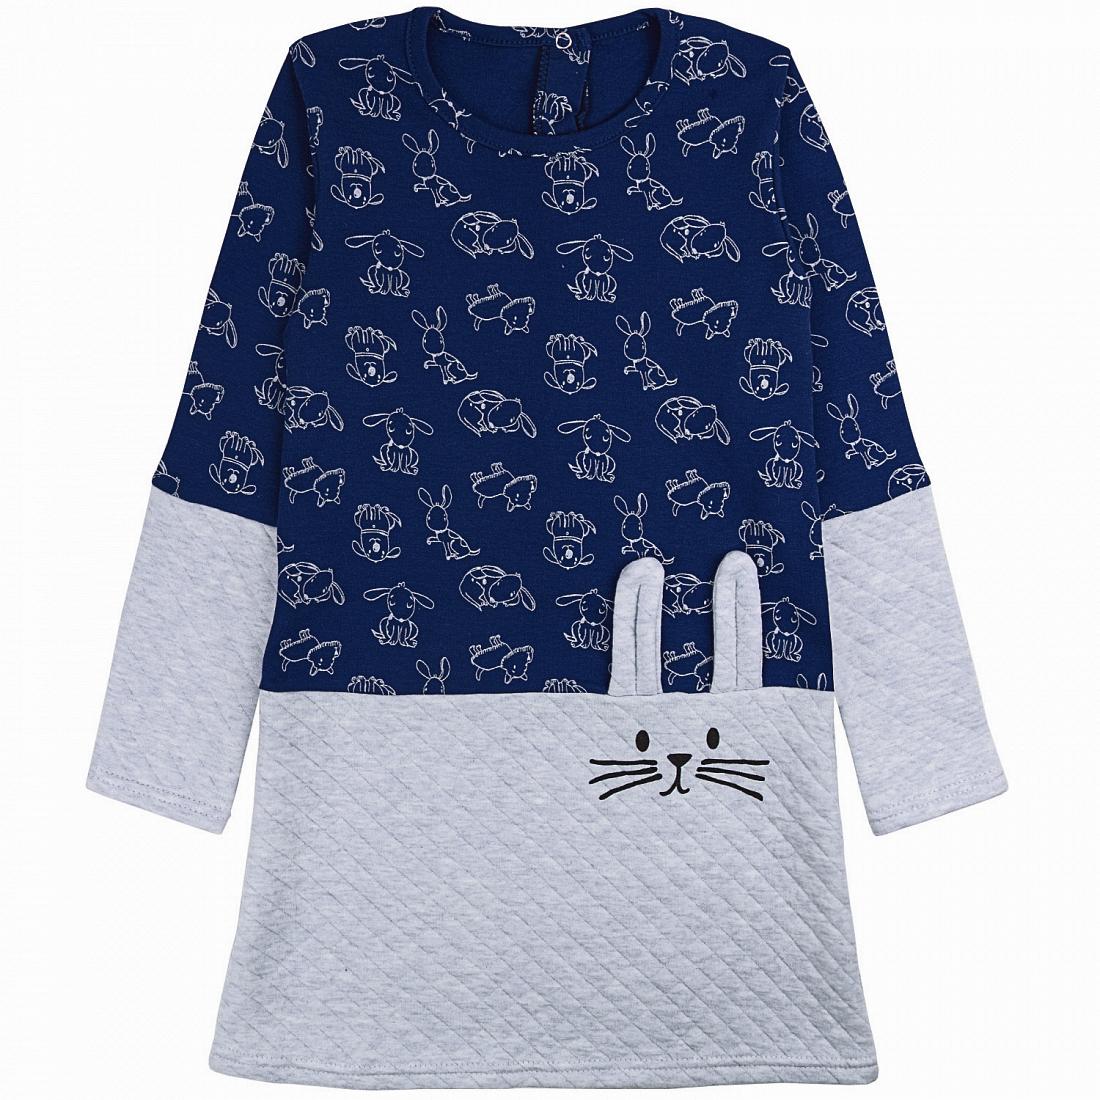 Купить 875кп/и ап, Платье детское Юлла, цв. синий р. 122, Платья для девочек